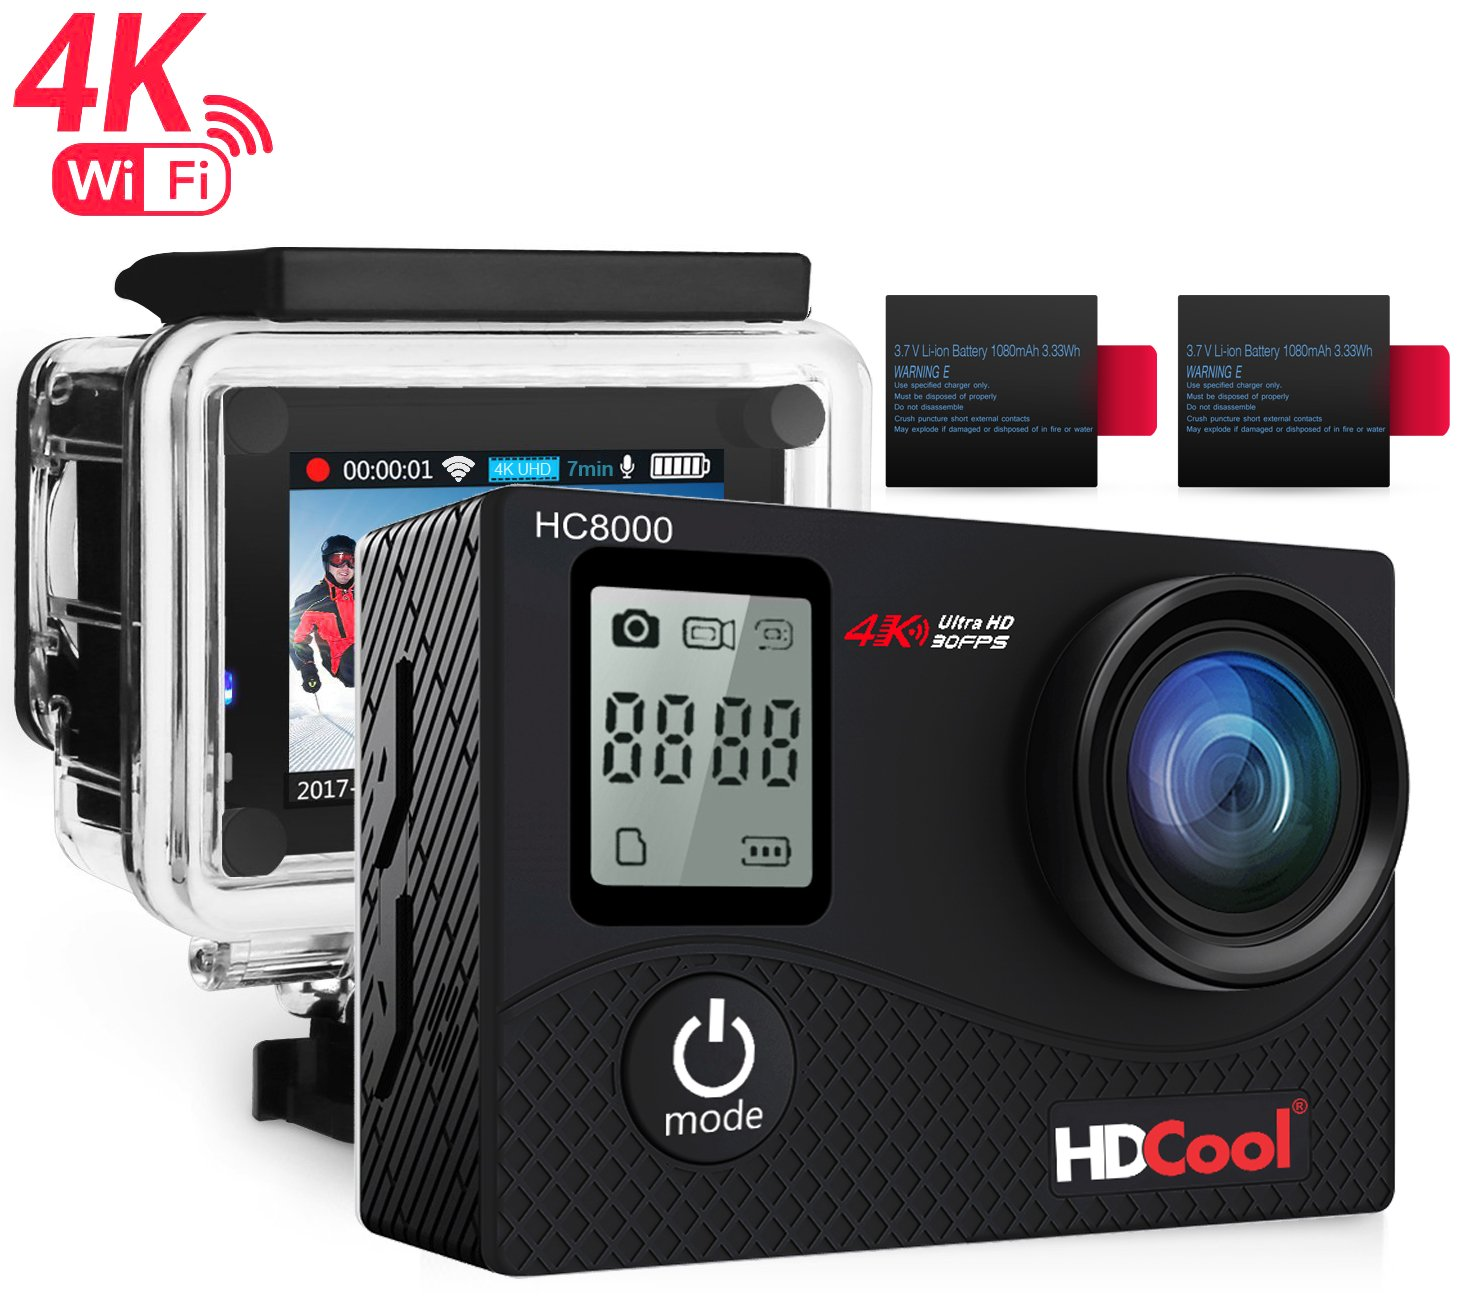 HDCOOL 16MP cámara de acción 170 grados, Objetivo gran angular para cámara deportiva impermeable, pantalla LCD 5 cm de pantalla y pantalla frontal de 1,7 cm incluye 2 baterías recargables 1050mah